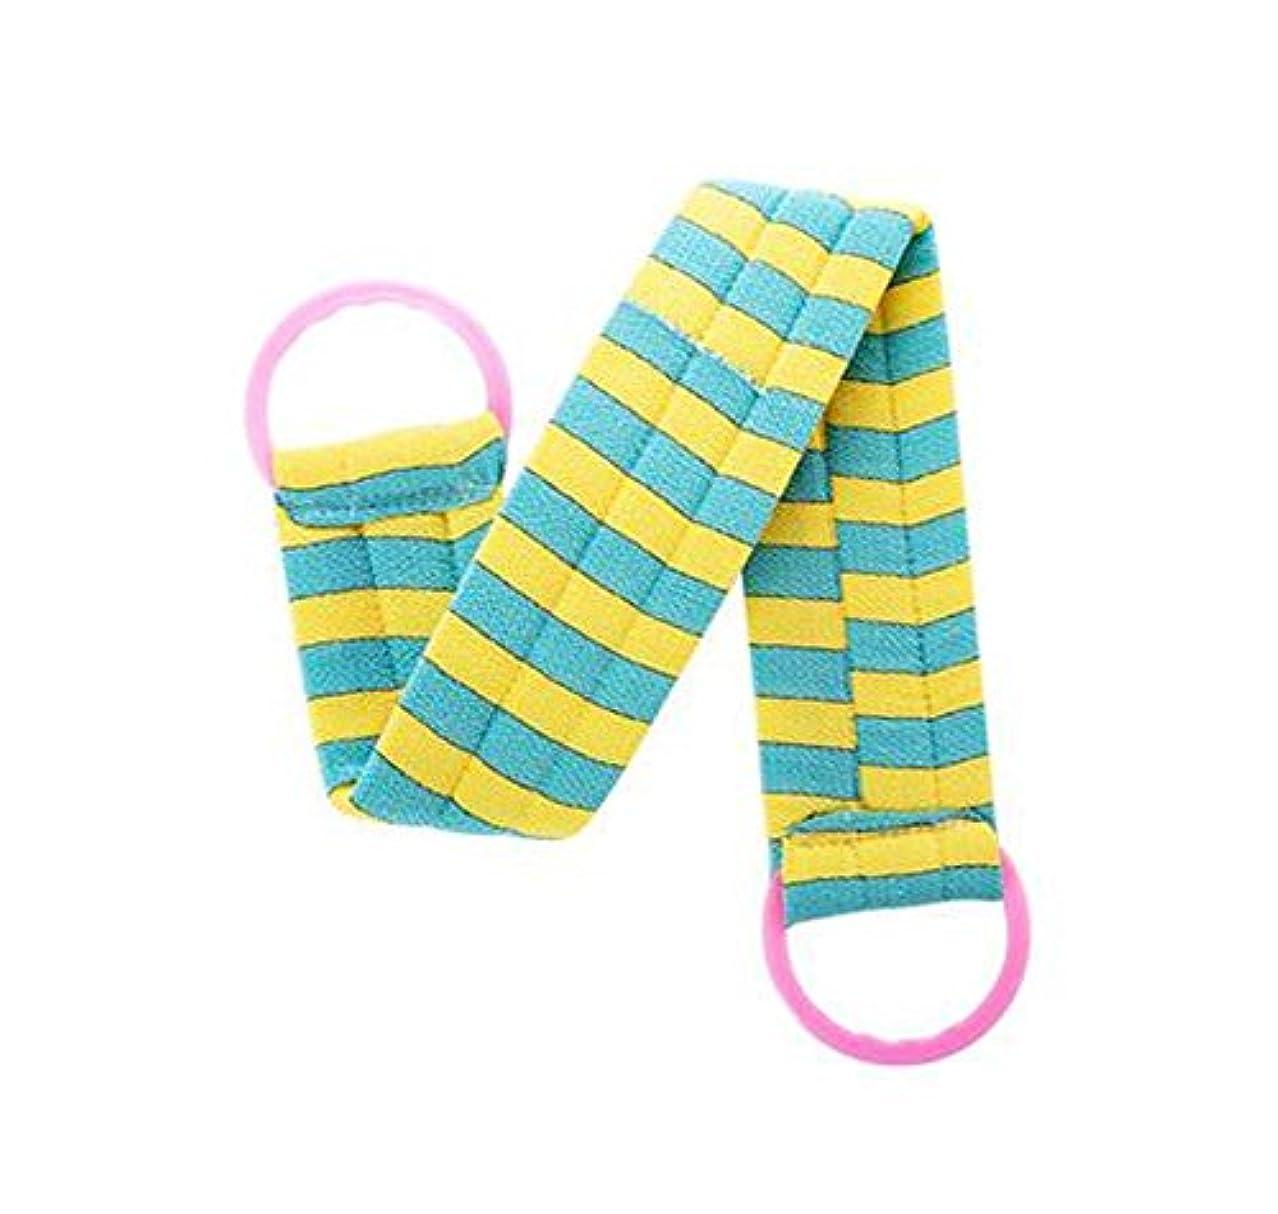 啓示細胞露出度の高い2枚のボディクリーニングのバスベルトタオルの剥離のバスベルト、青い黄色